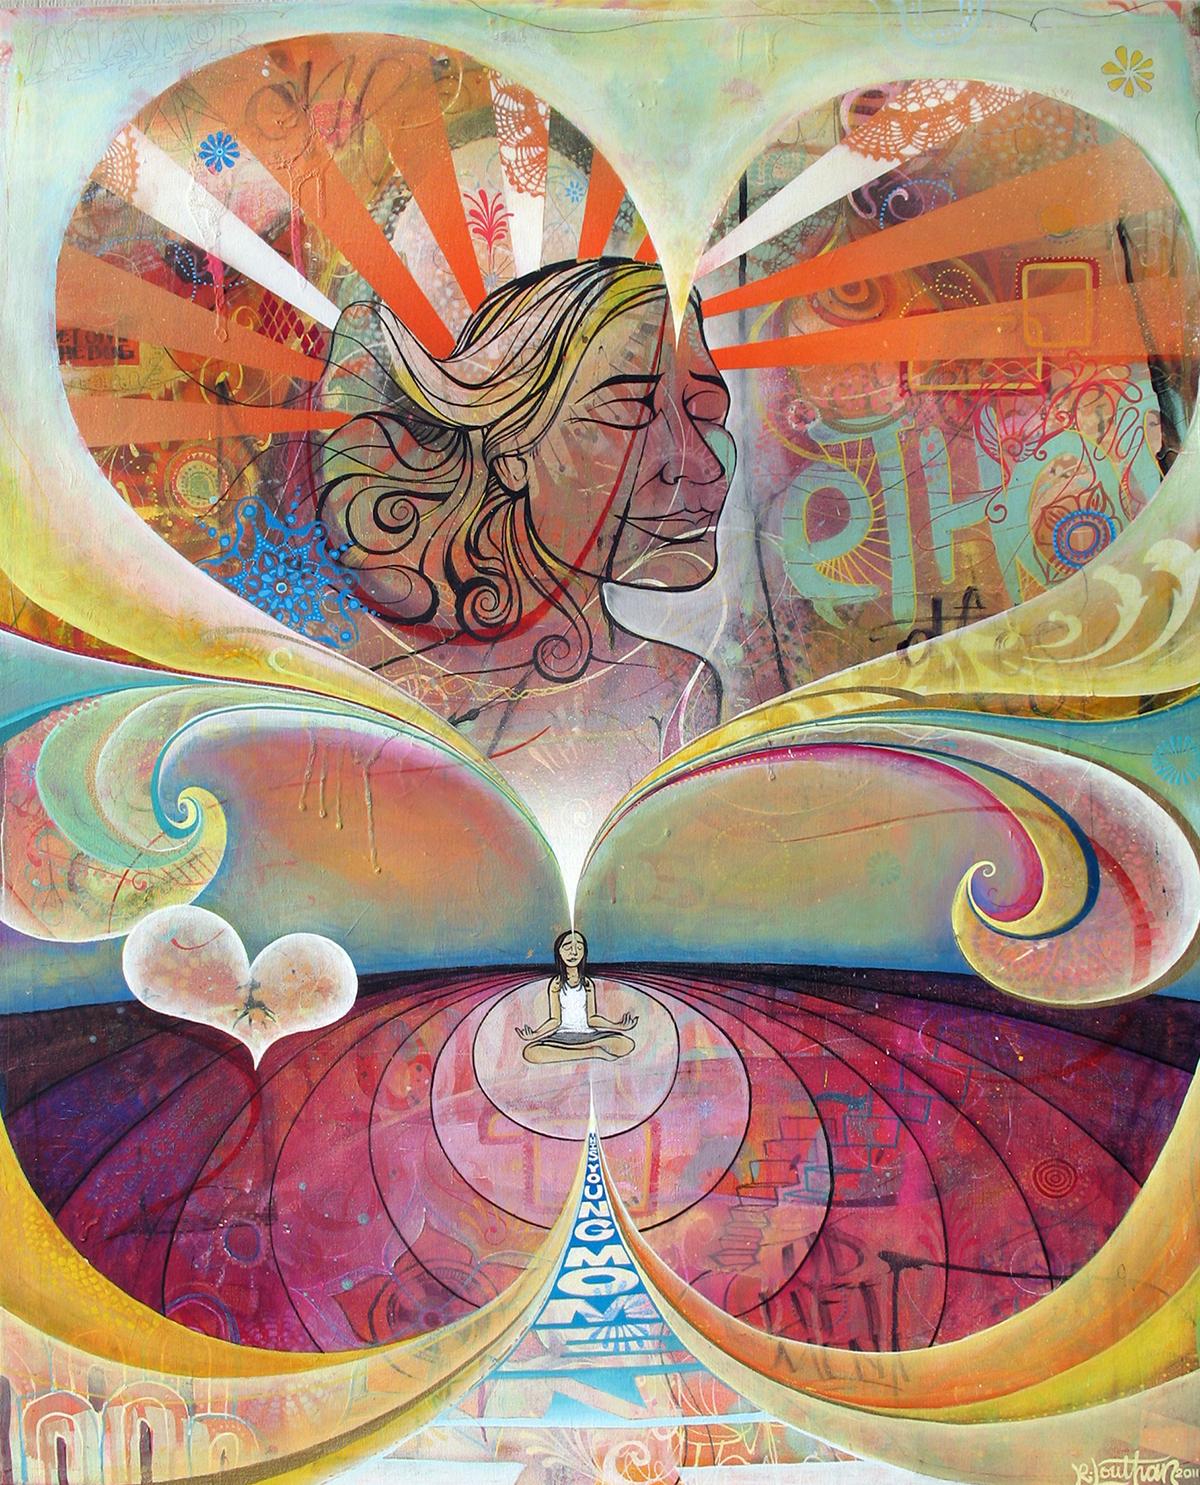 'Radiate Your Essence' Acrylic/Aerosol on canvas. 42h x 34w. 2012